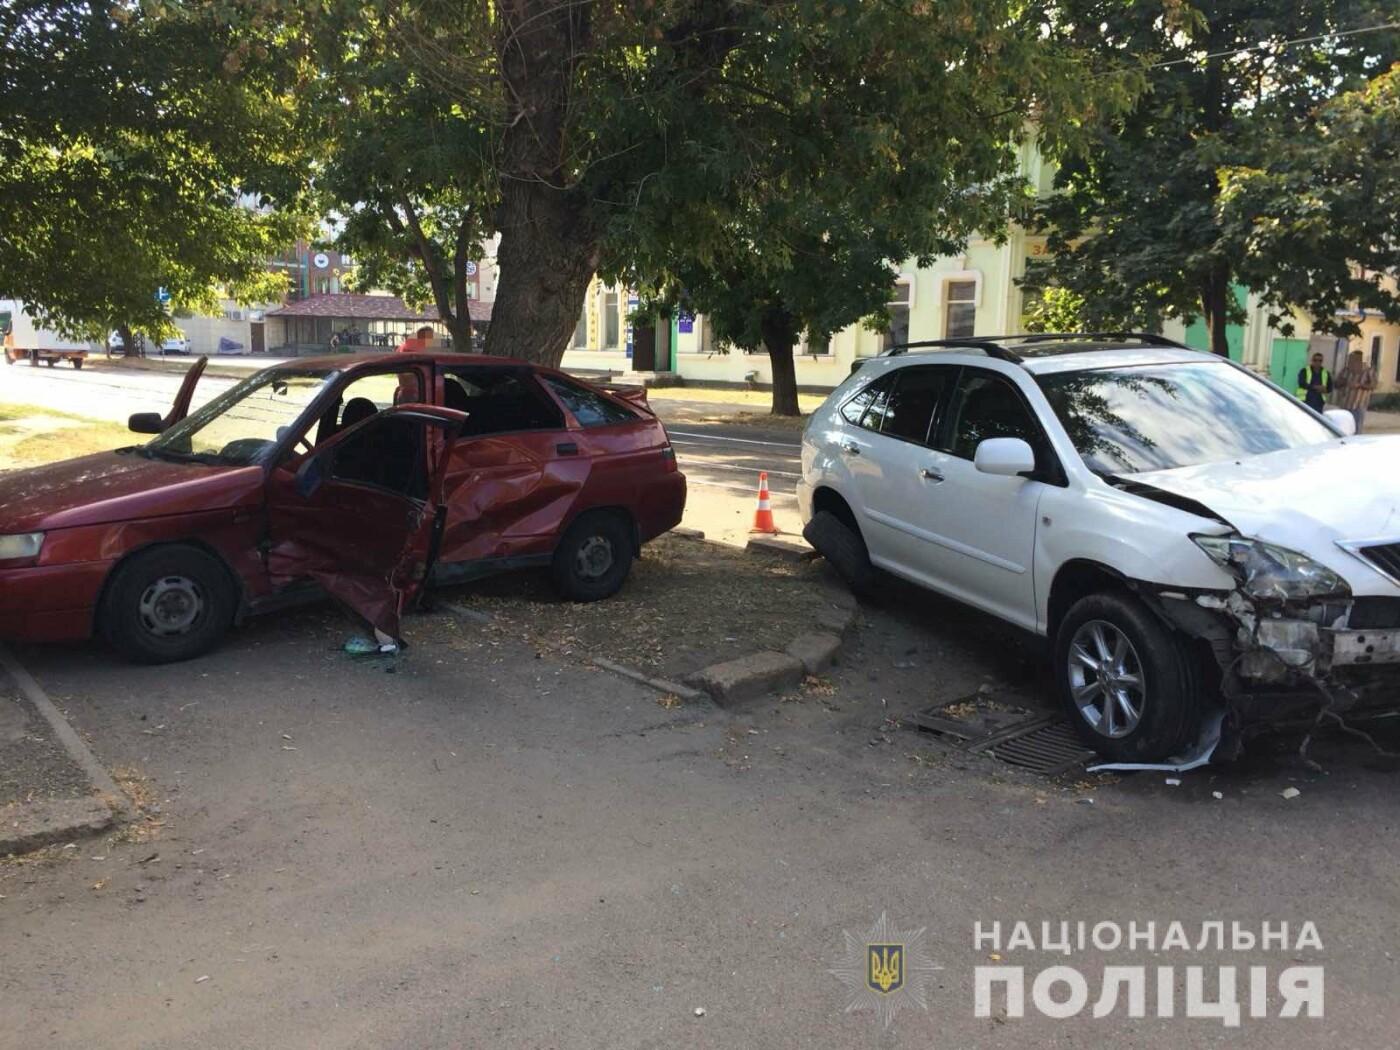 В центре Николаева столкнулись две легковушки: одного из водителей пришлось деблокировать, - ФОТО, фото-6